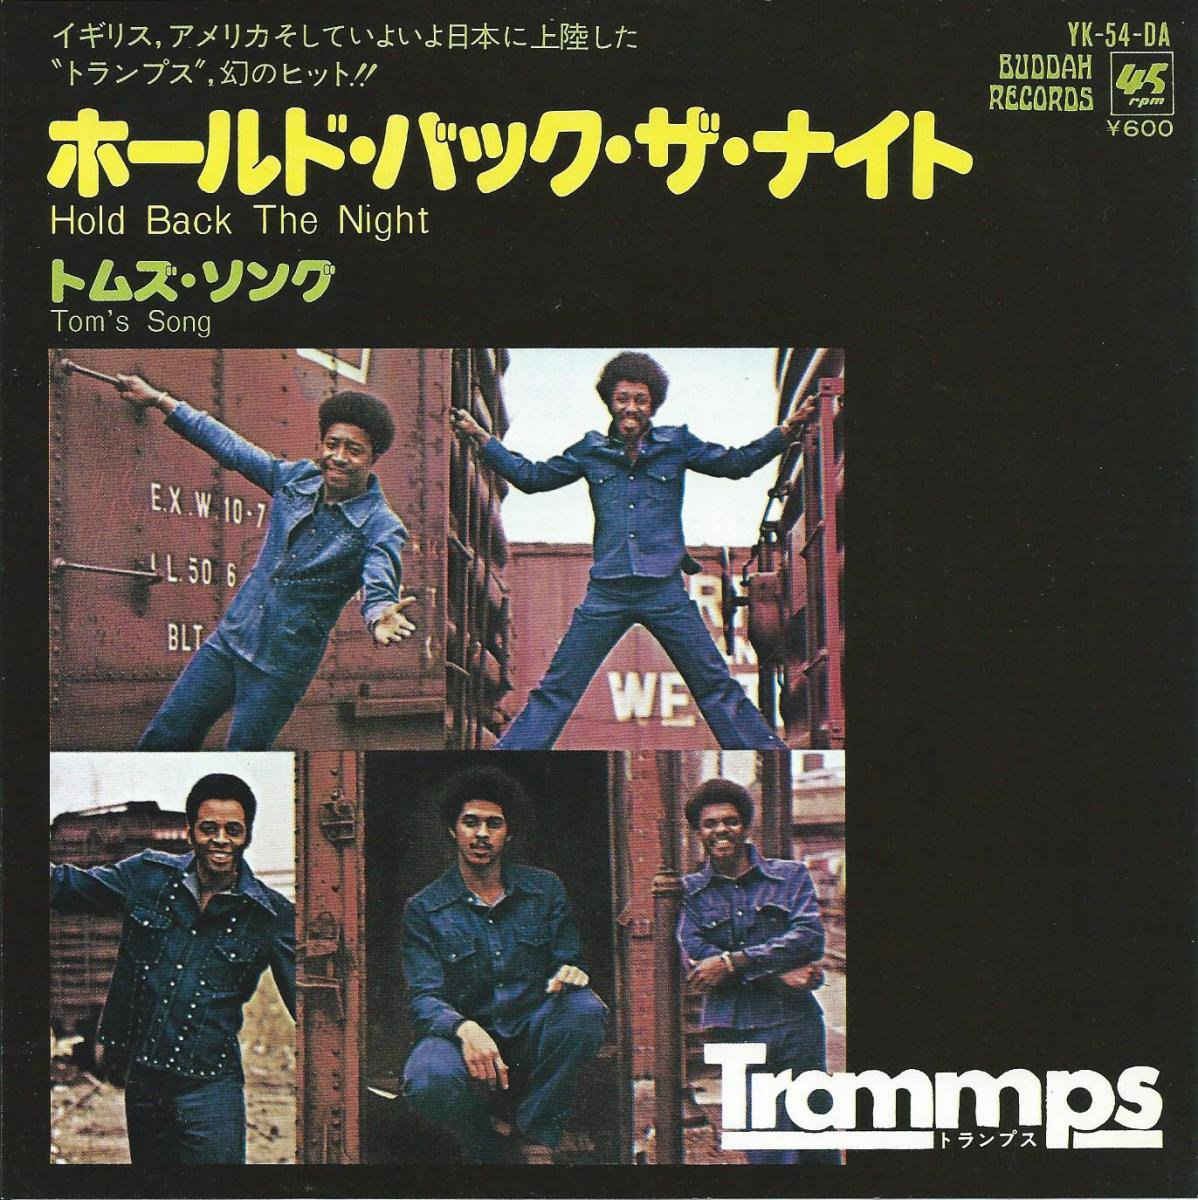 トランプス TRAMMPS / ホールド・バック・ザ・ナイト HOLD BACK THE NIGHT (7